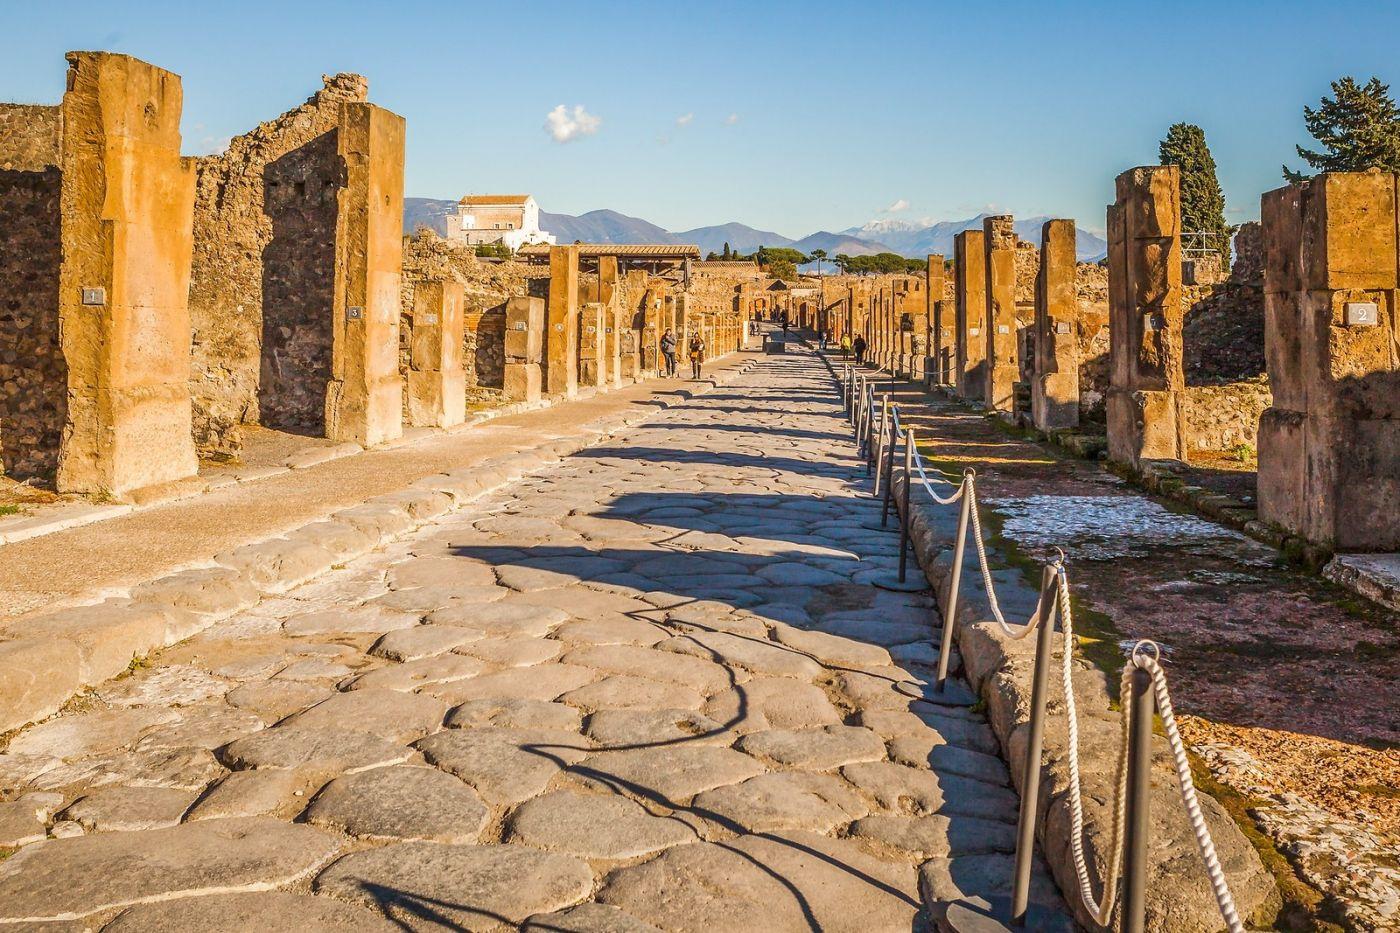 意大利一世纪古城庞贝,那时城市道路_图1-25